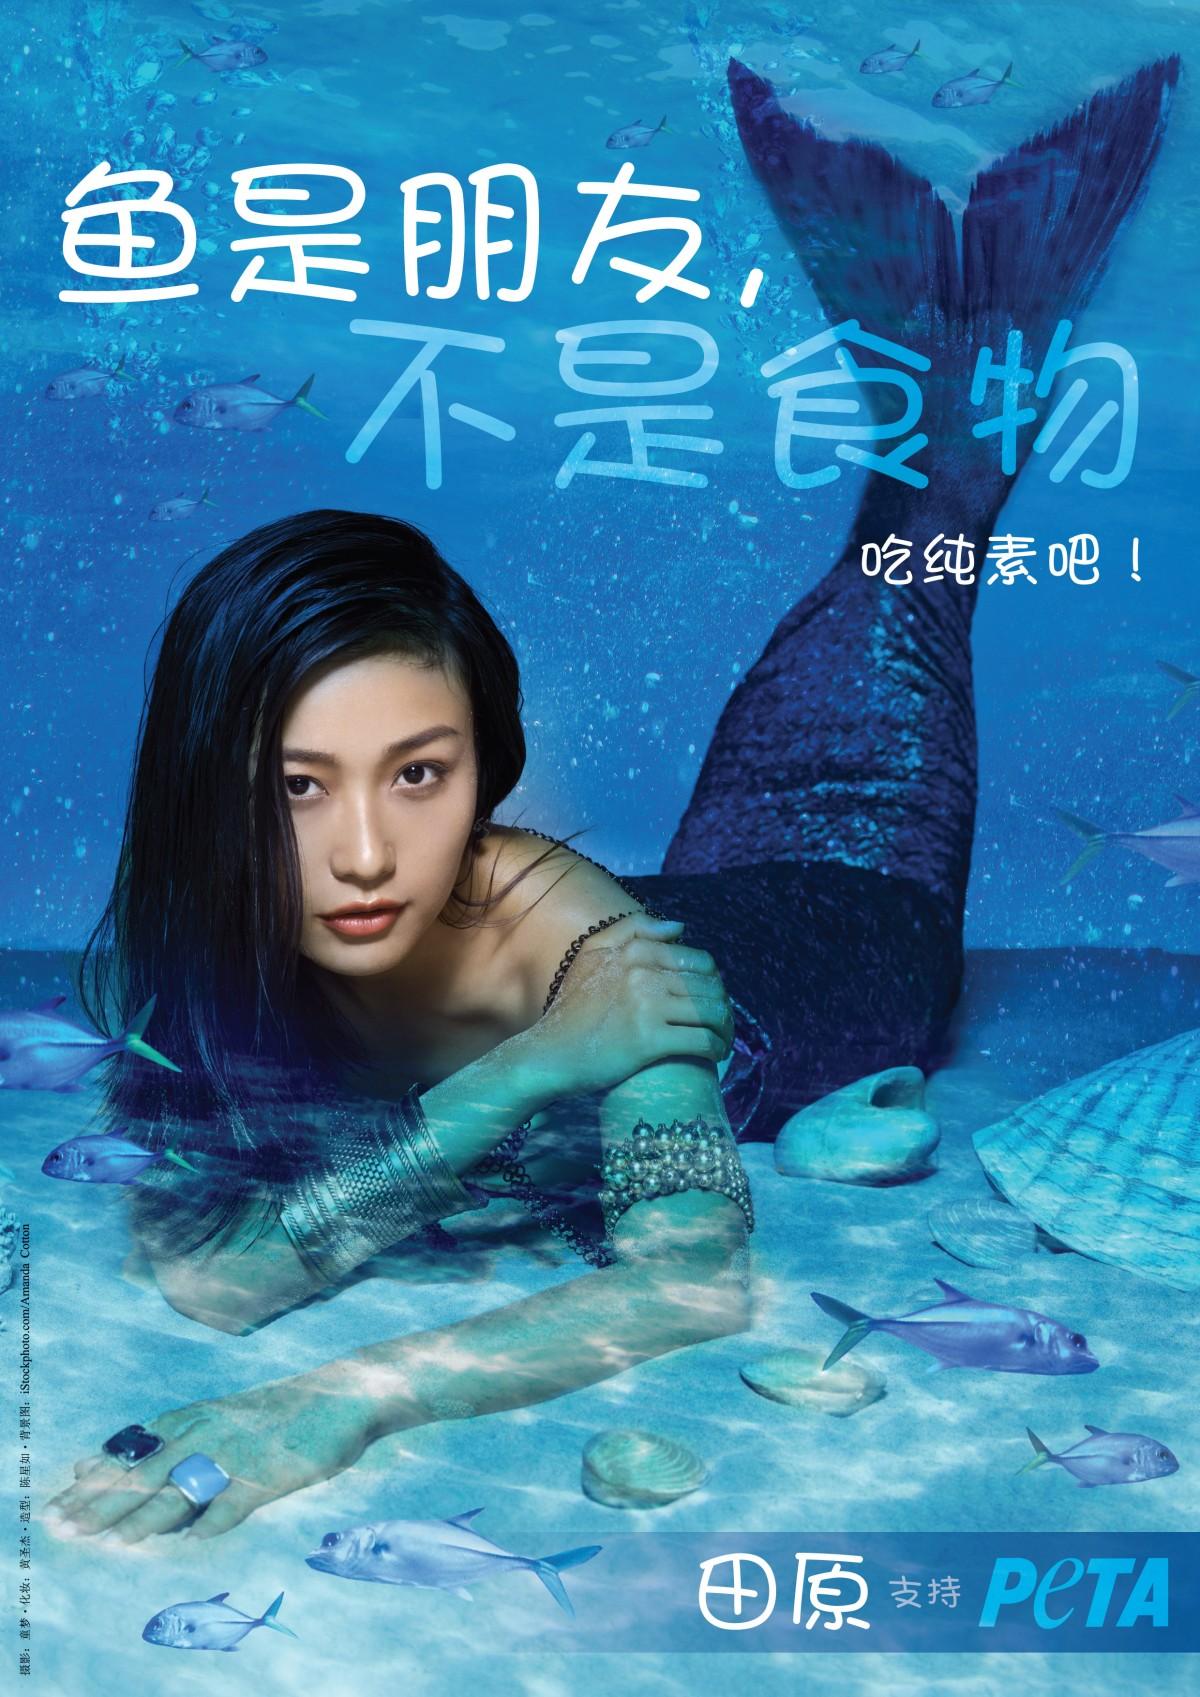 Tian Yuan vegetarian ad